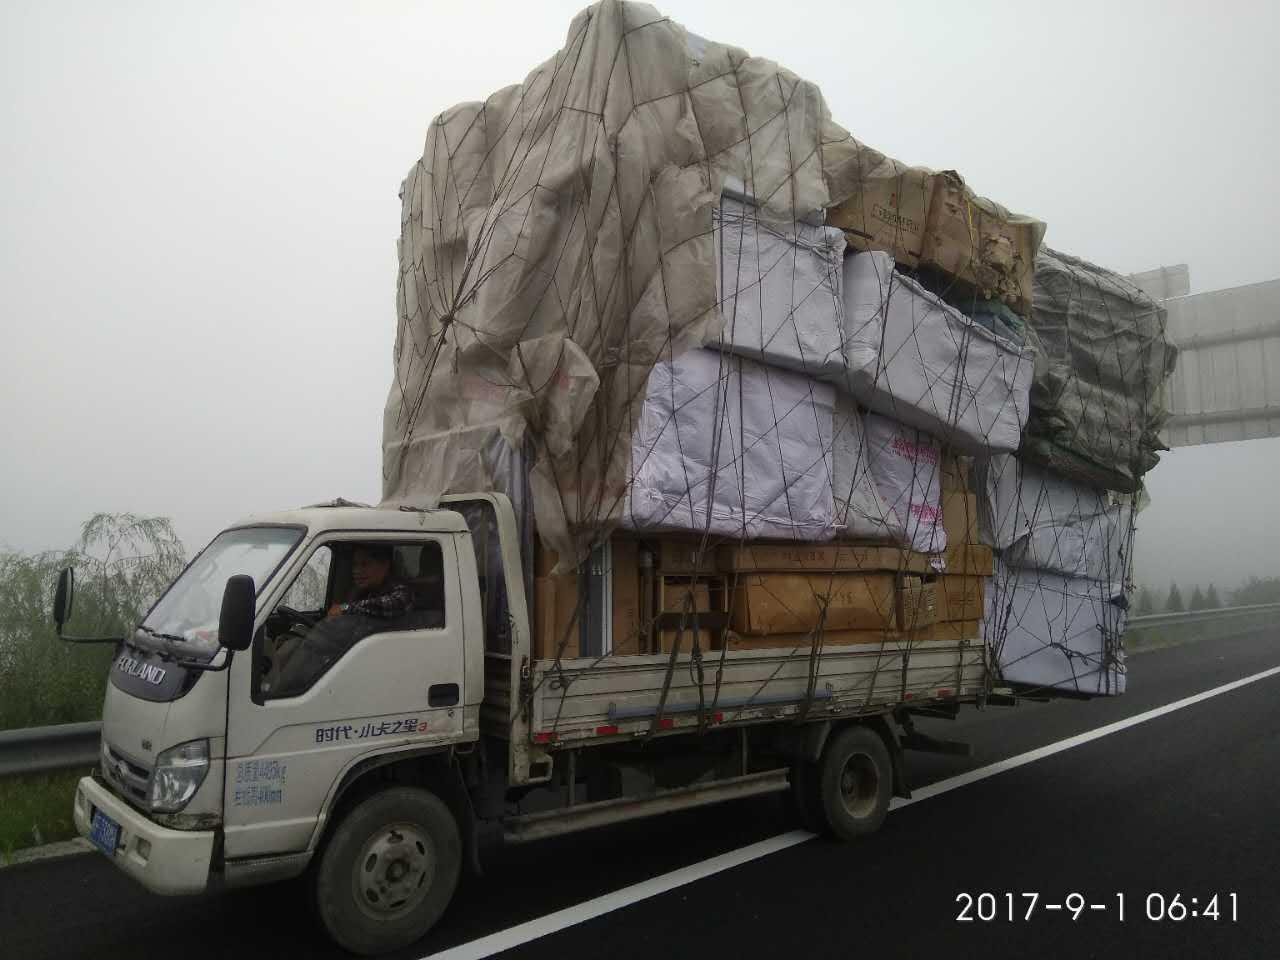 货车拉家具超长超高上路 司机已违法全然不知